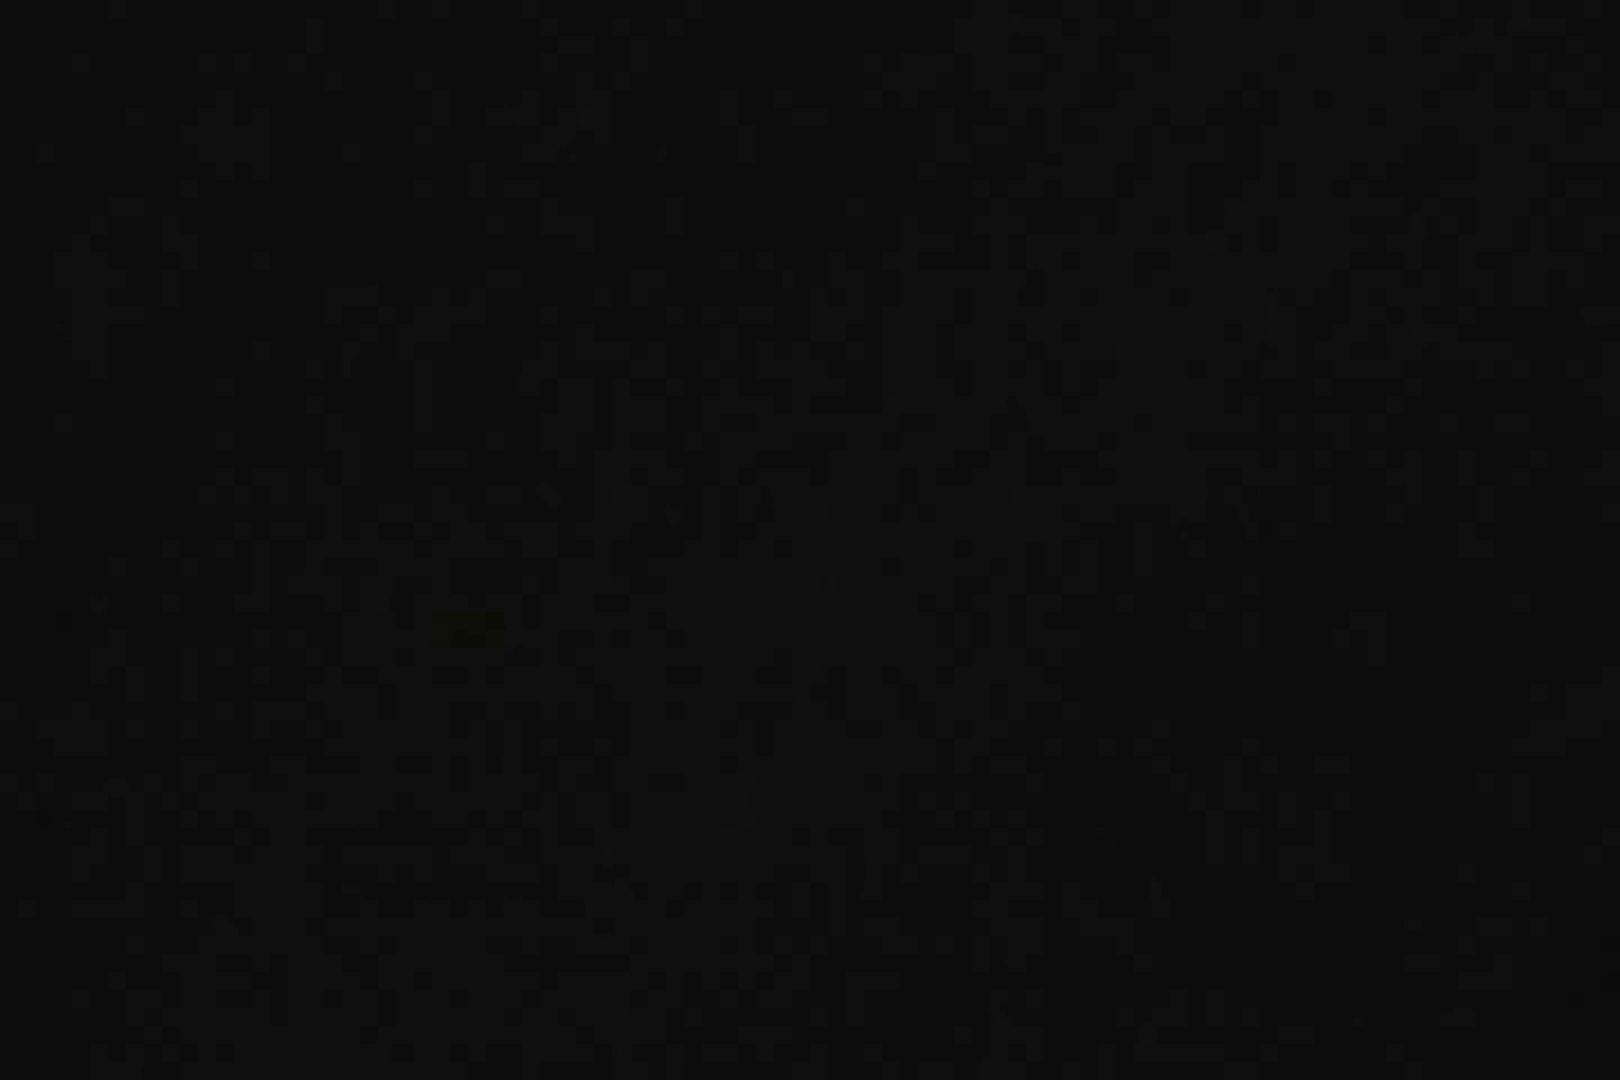 流出!極太の悪戯ウォッチング!前編 手技 | モ無し AV動画 9連発 1